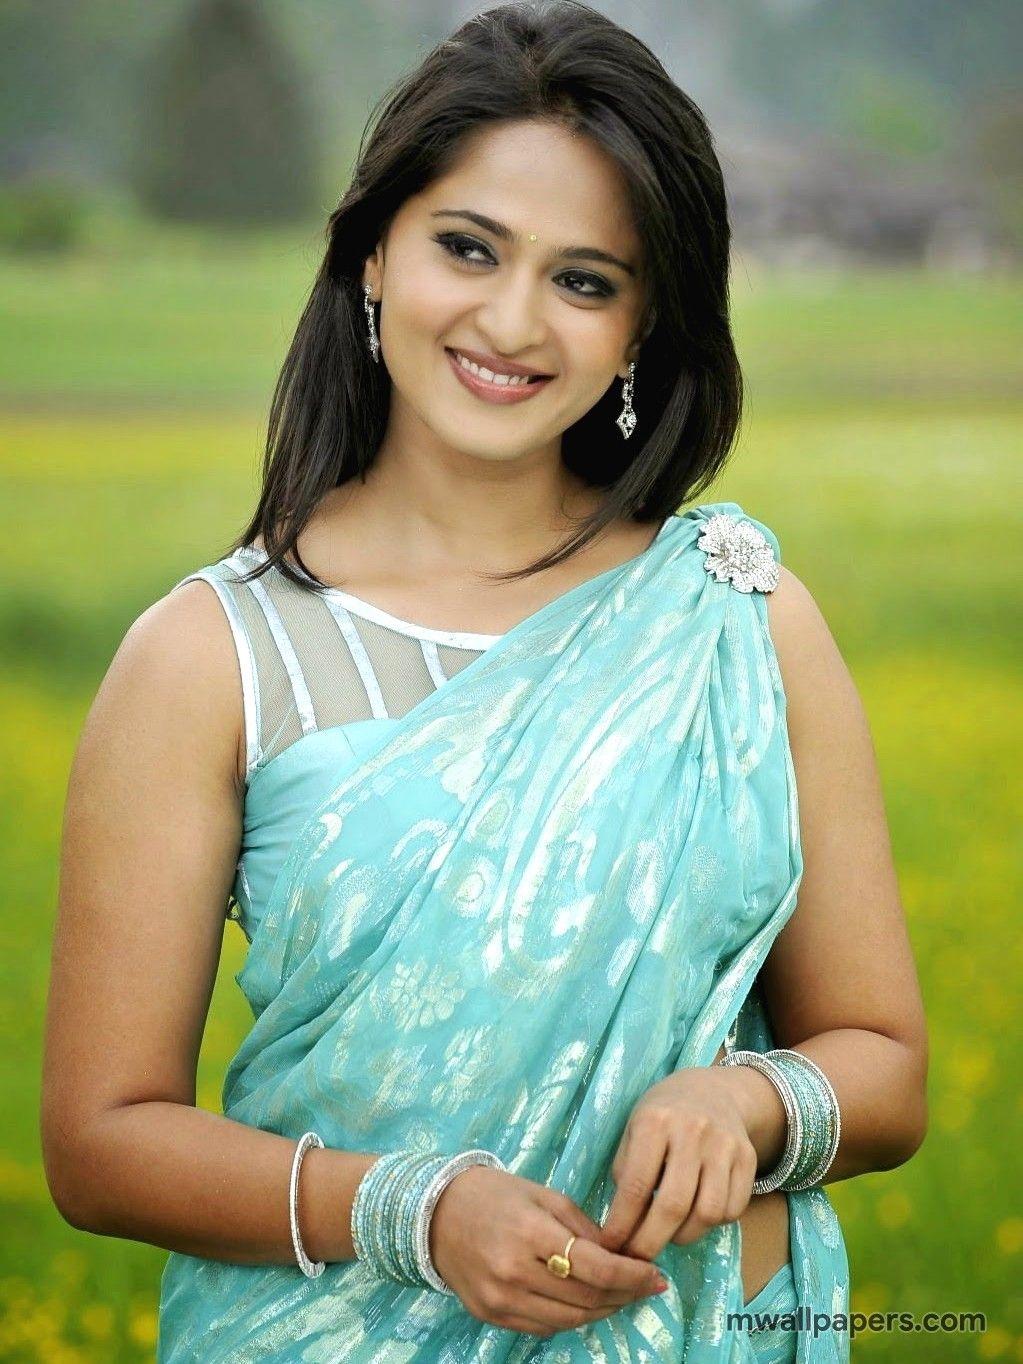 anushka shetty hd images - #2873 #anushkashetty #actress #kollywood